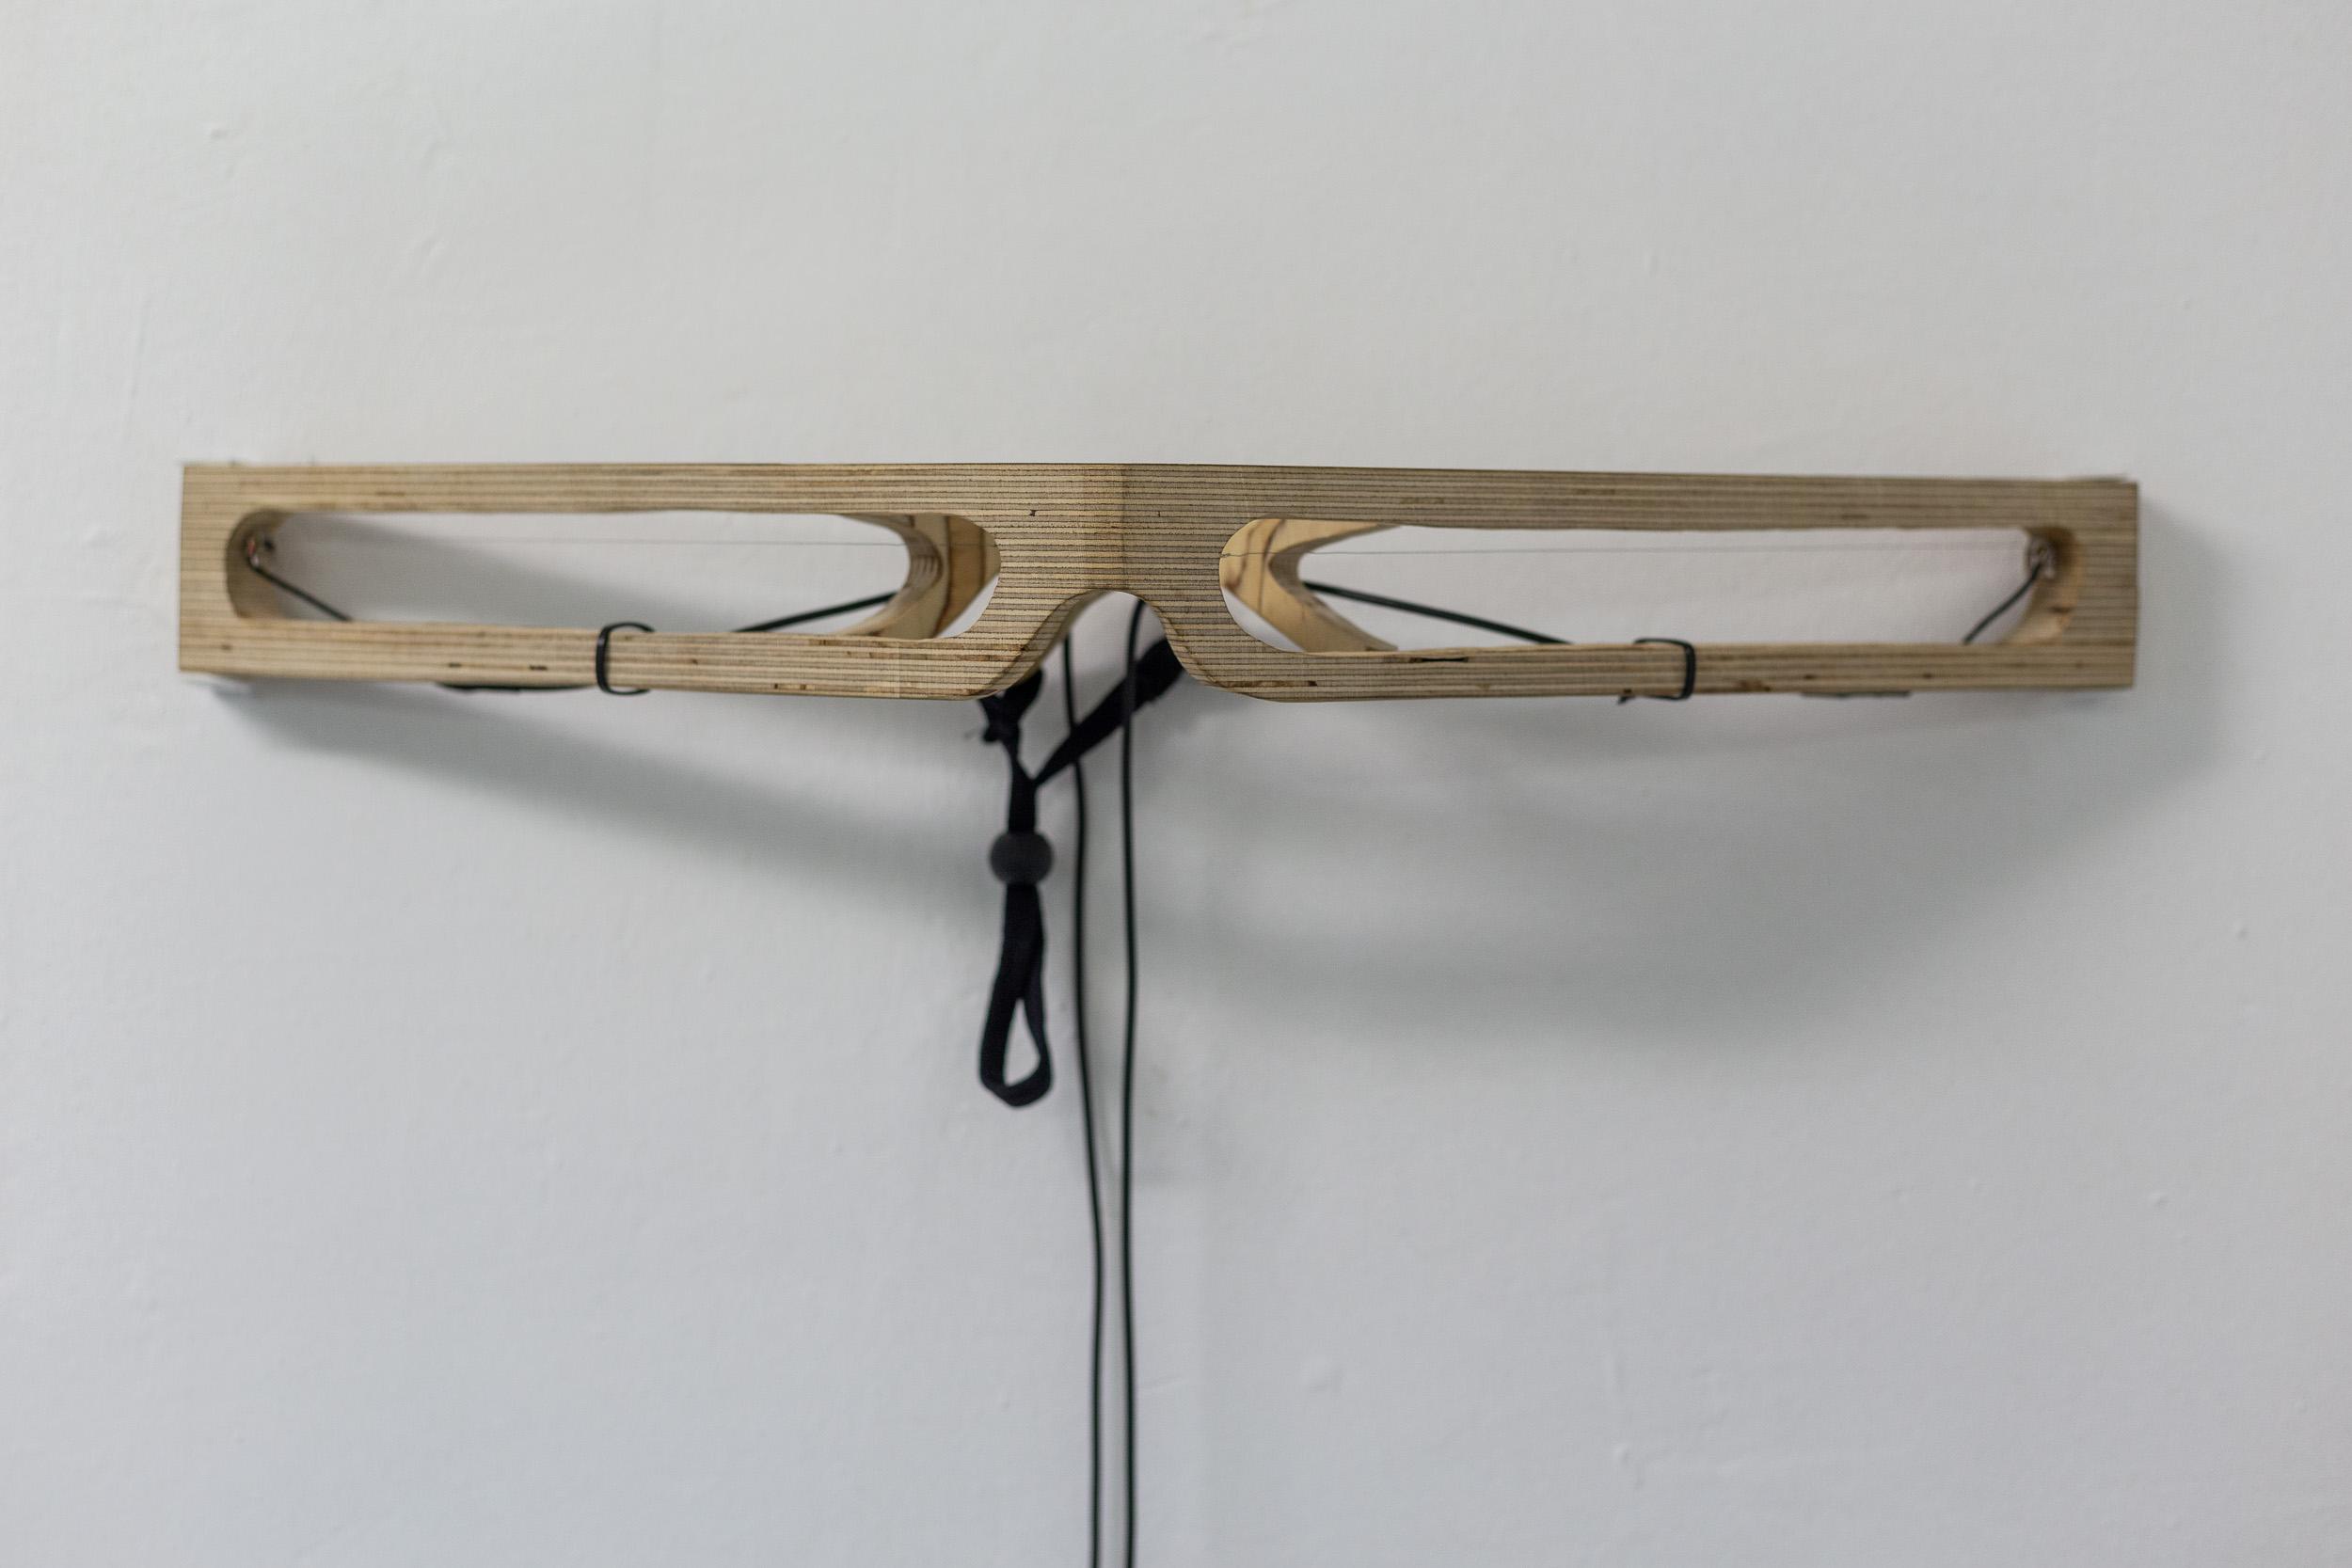 Aline Zeltner,  Sound Object , 2010, wood, chords, sound pick-up, loudspeaker, 52 x 6 x 2 cm  Photo: Kilian Bannwart